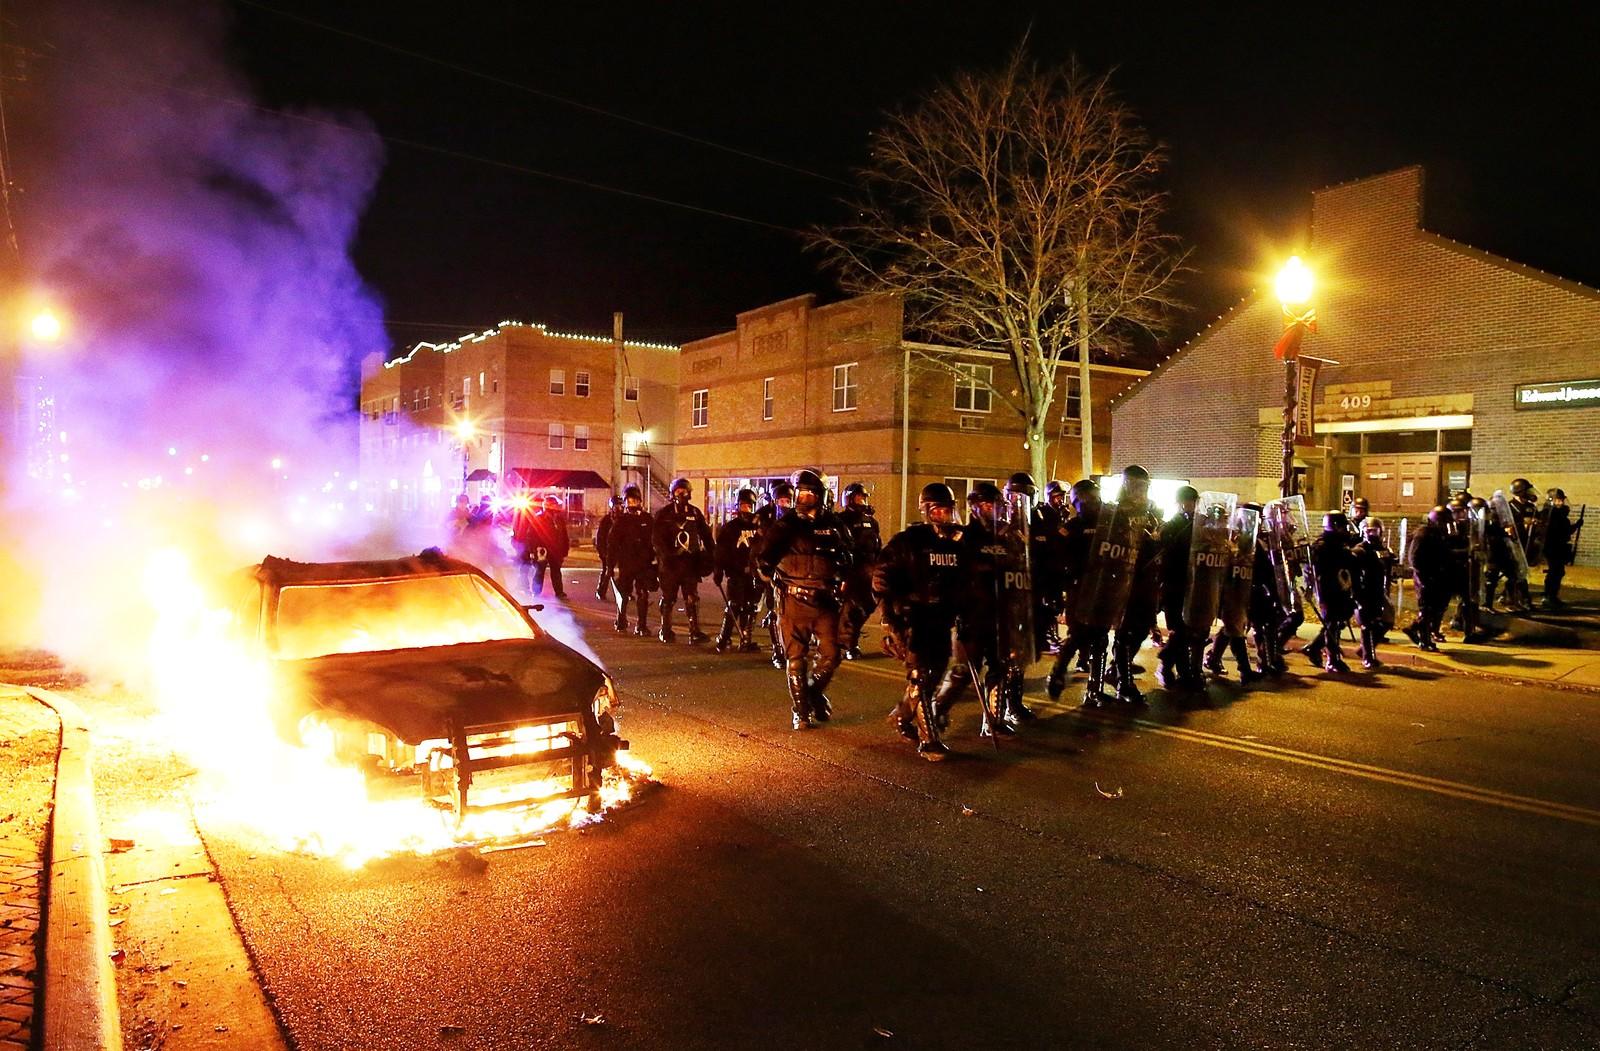 Opprørspoliti marsjerer forbi en brennende bil i Ferguson.